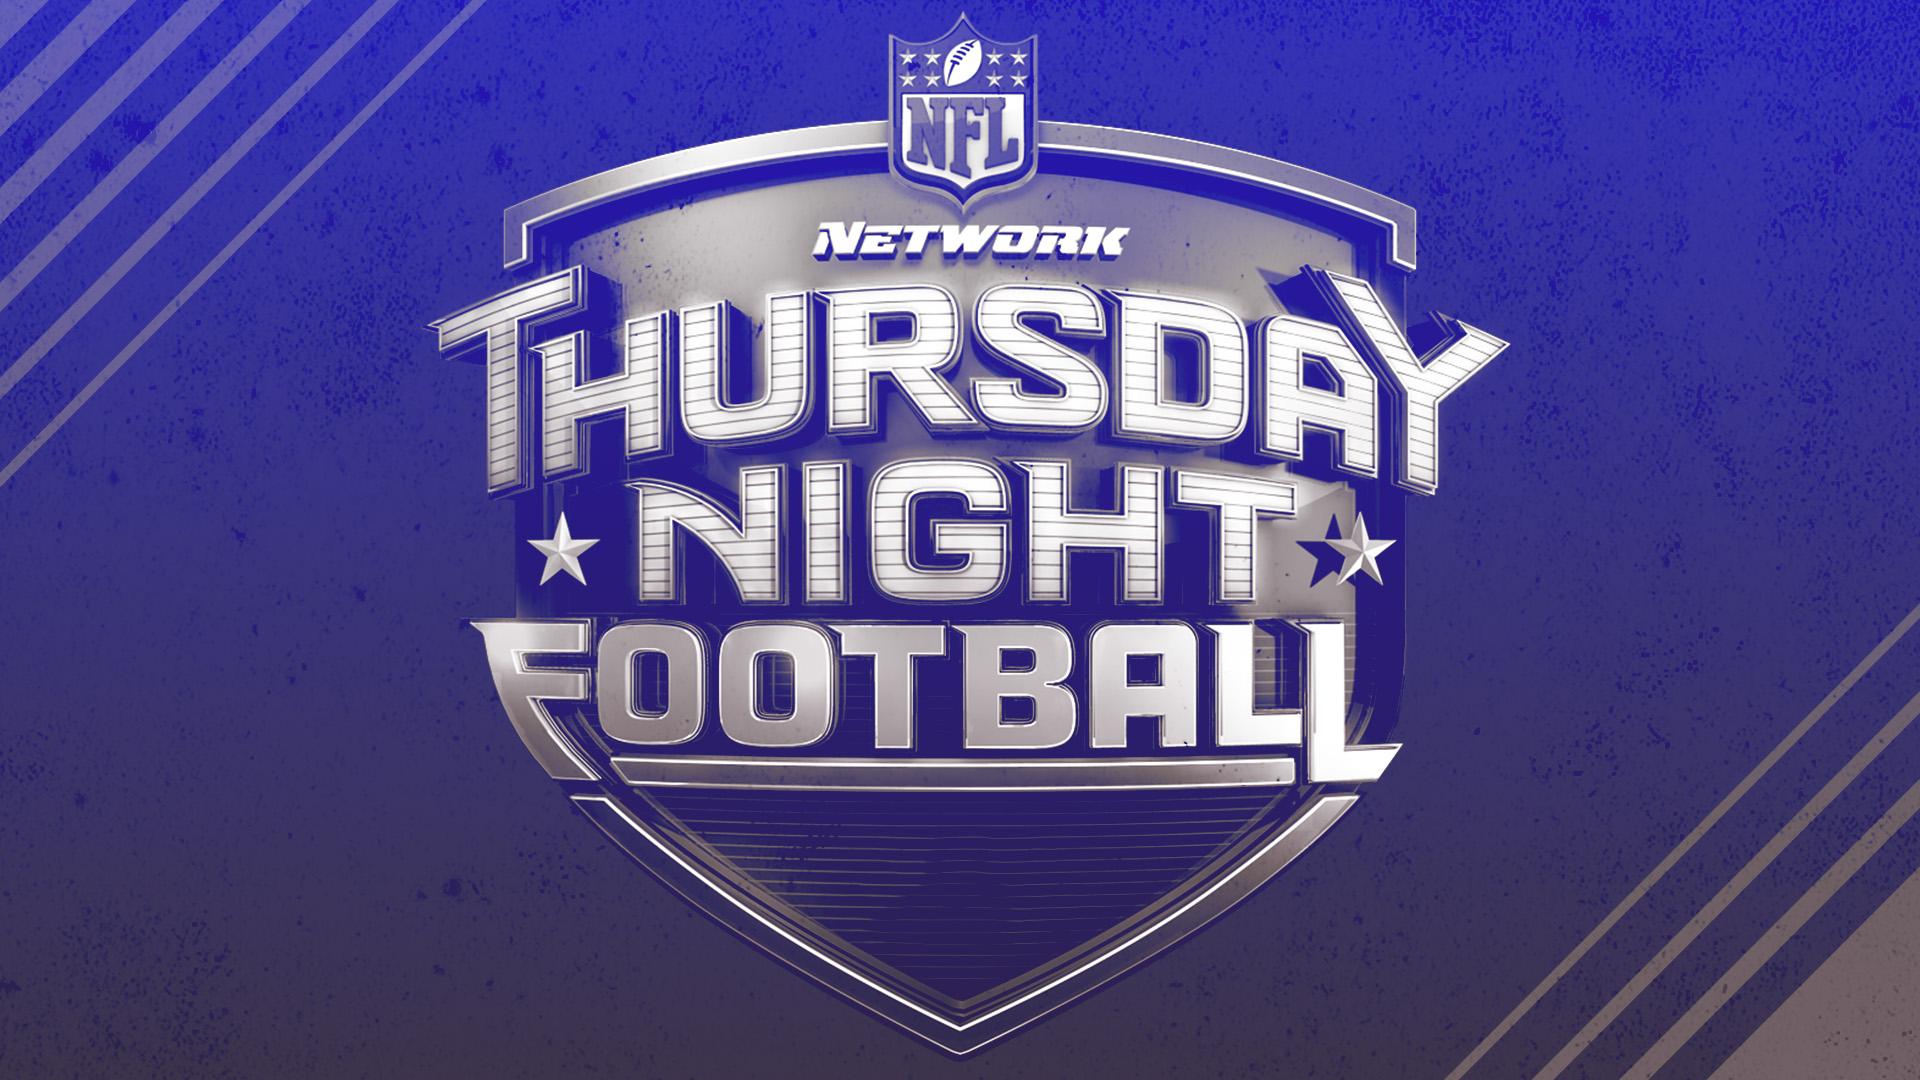 ¿Quién juega en 'Thursday Night Football' esta noche? Hora, canal de televisión, horario para la semana 10 2